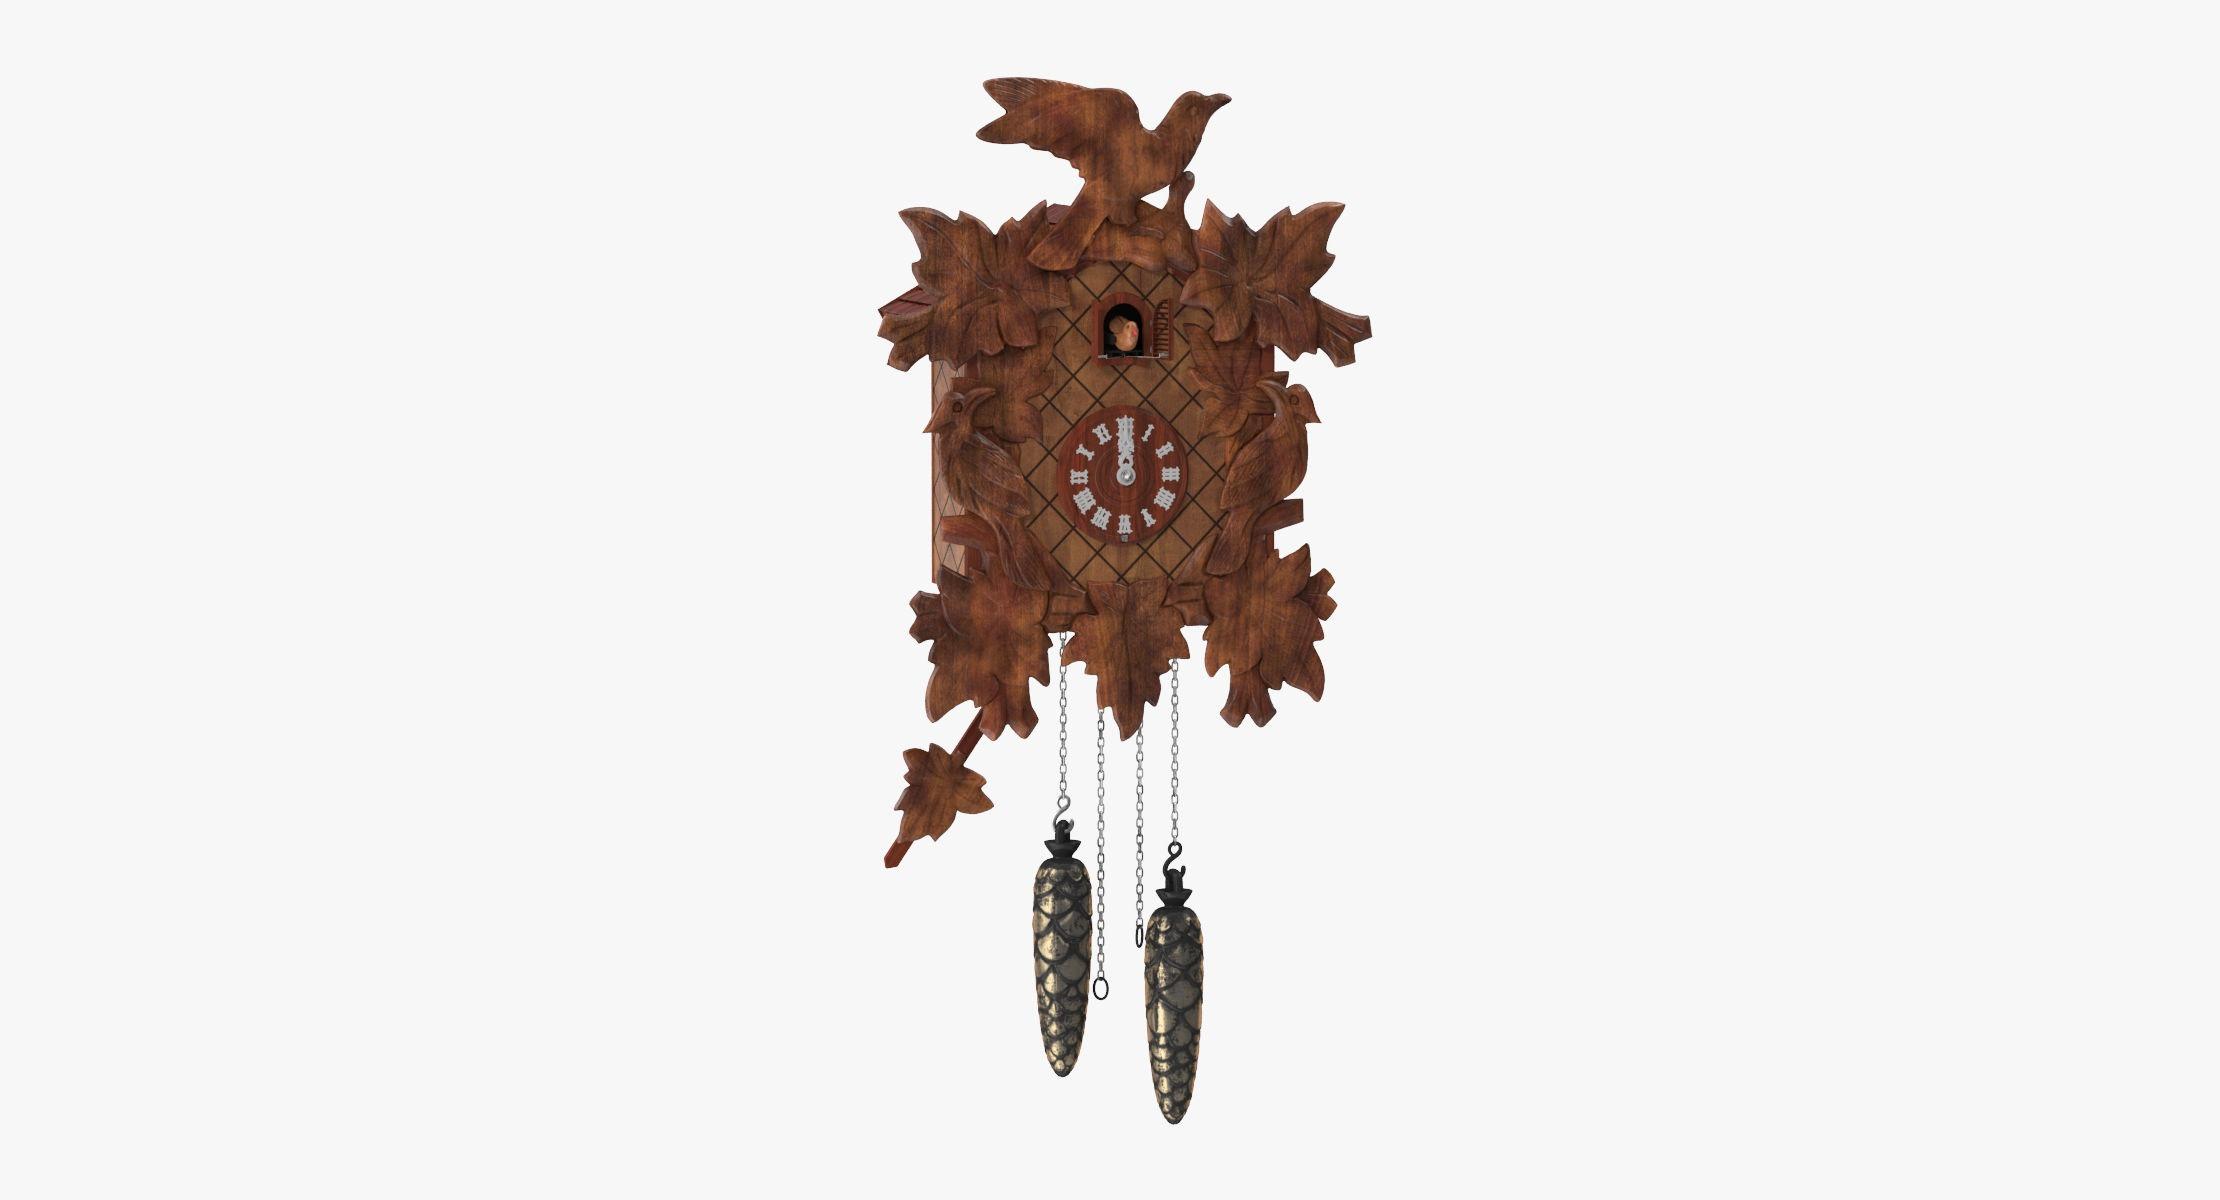 Cuckoo Clock - reel 2